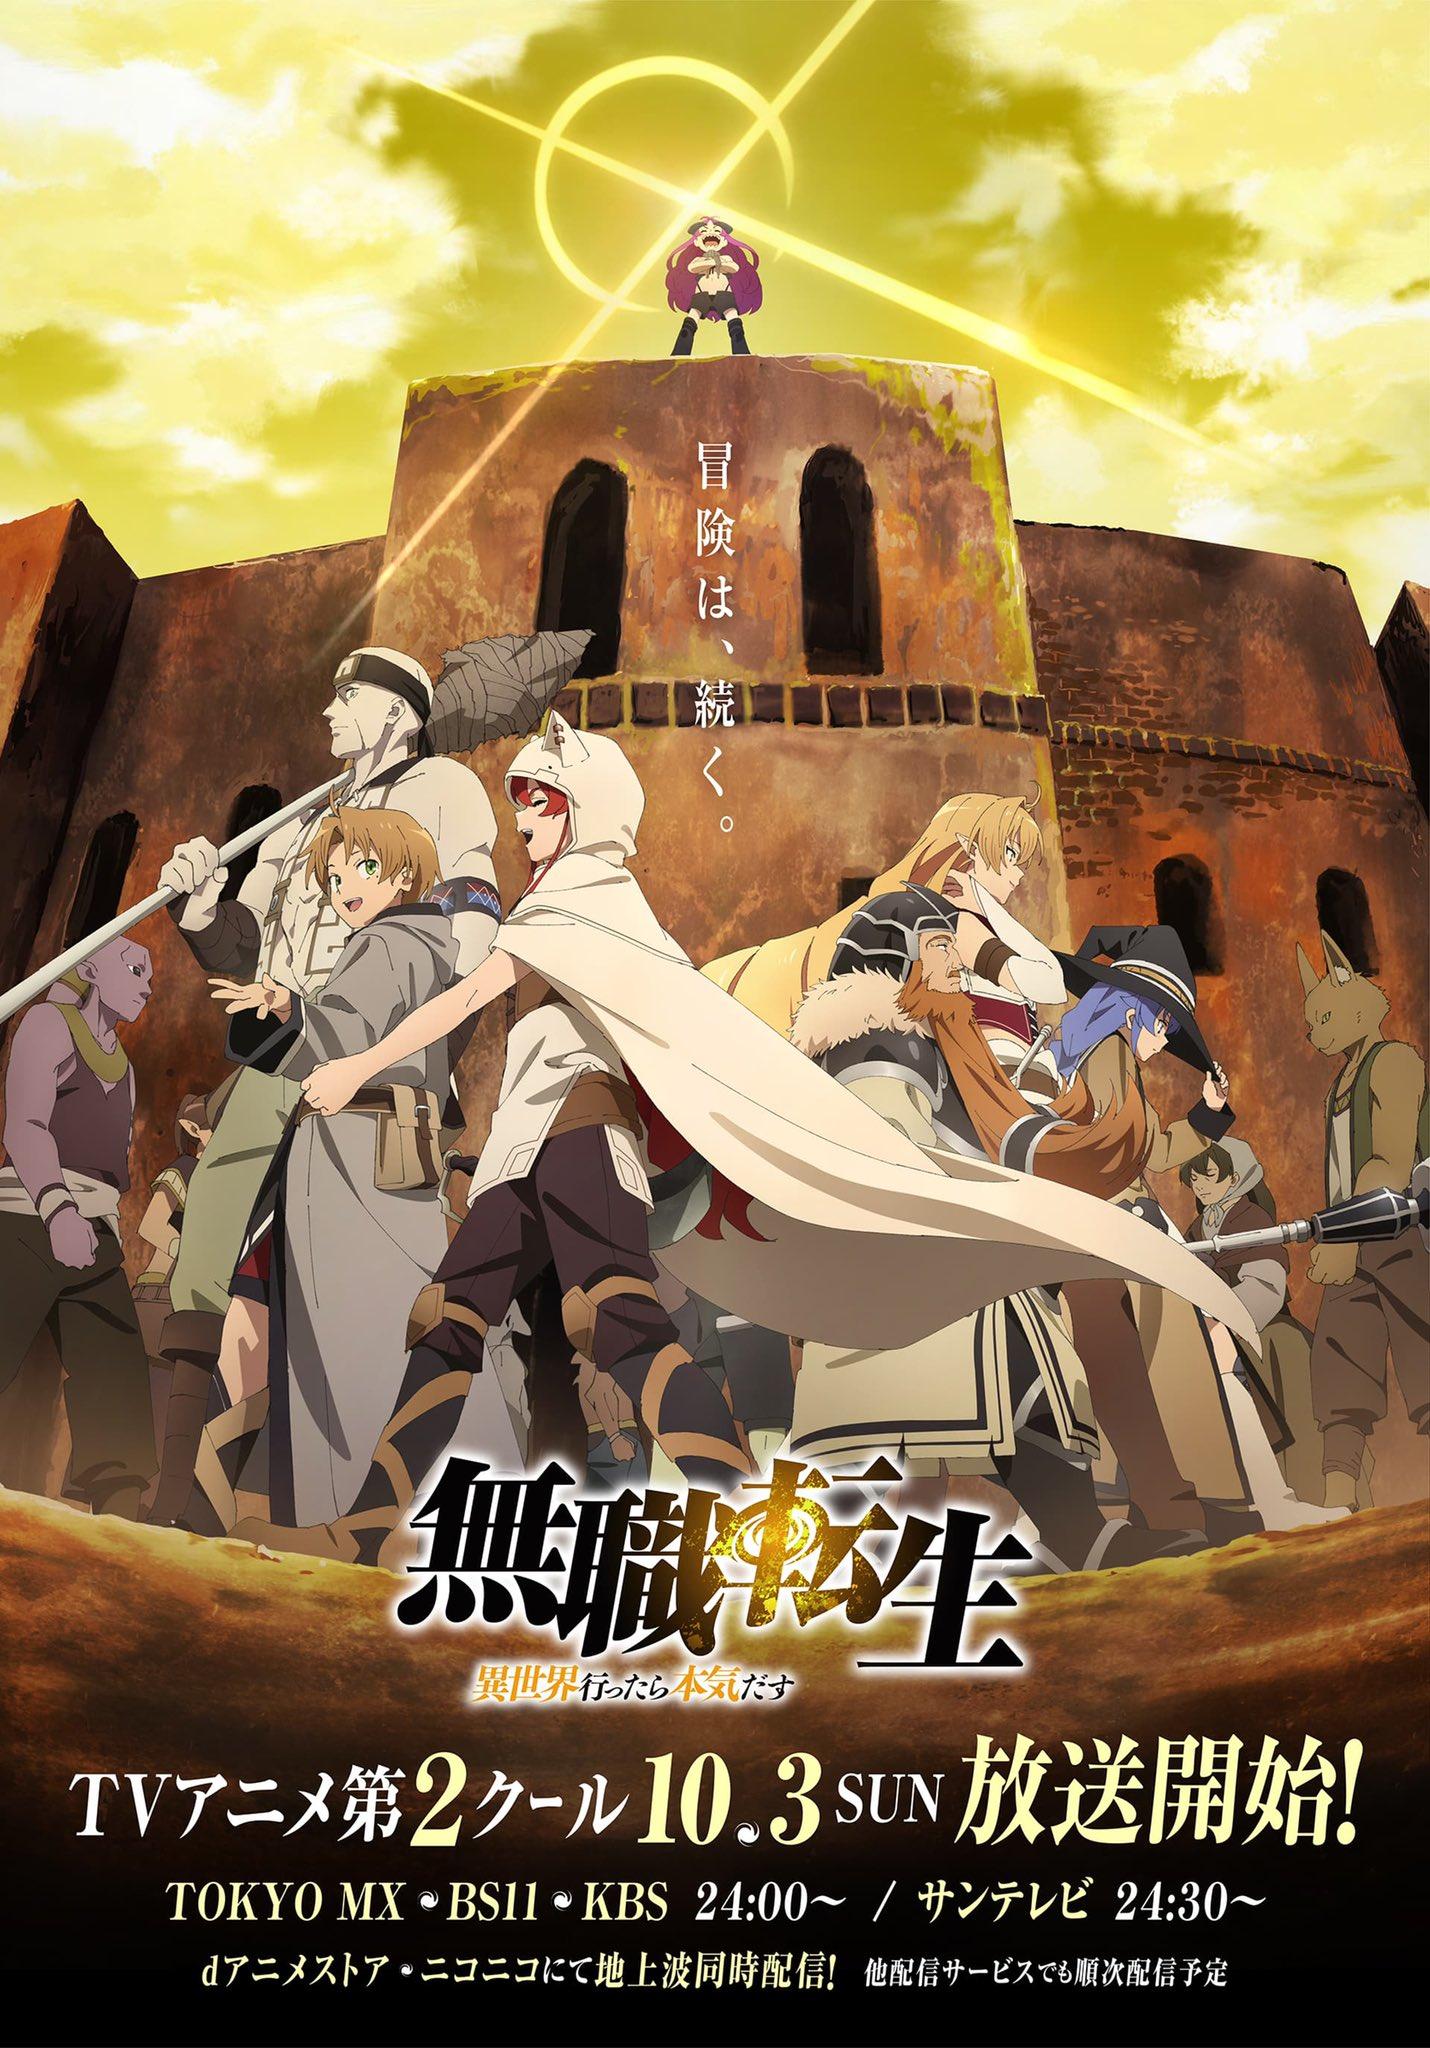 Animesaku - Part 2 Anime Mushoku Tensei: Jobless Reincarnation Anime Debut pada 3 Oktober